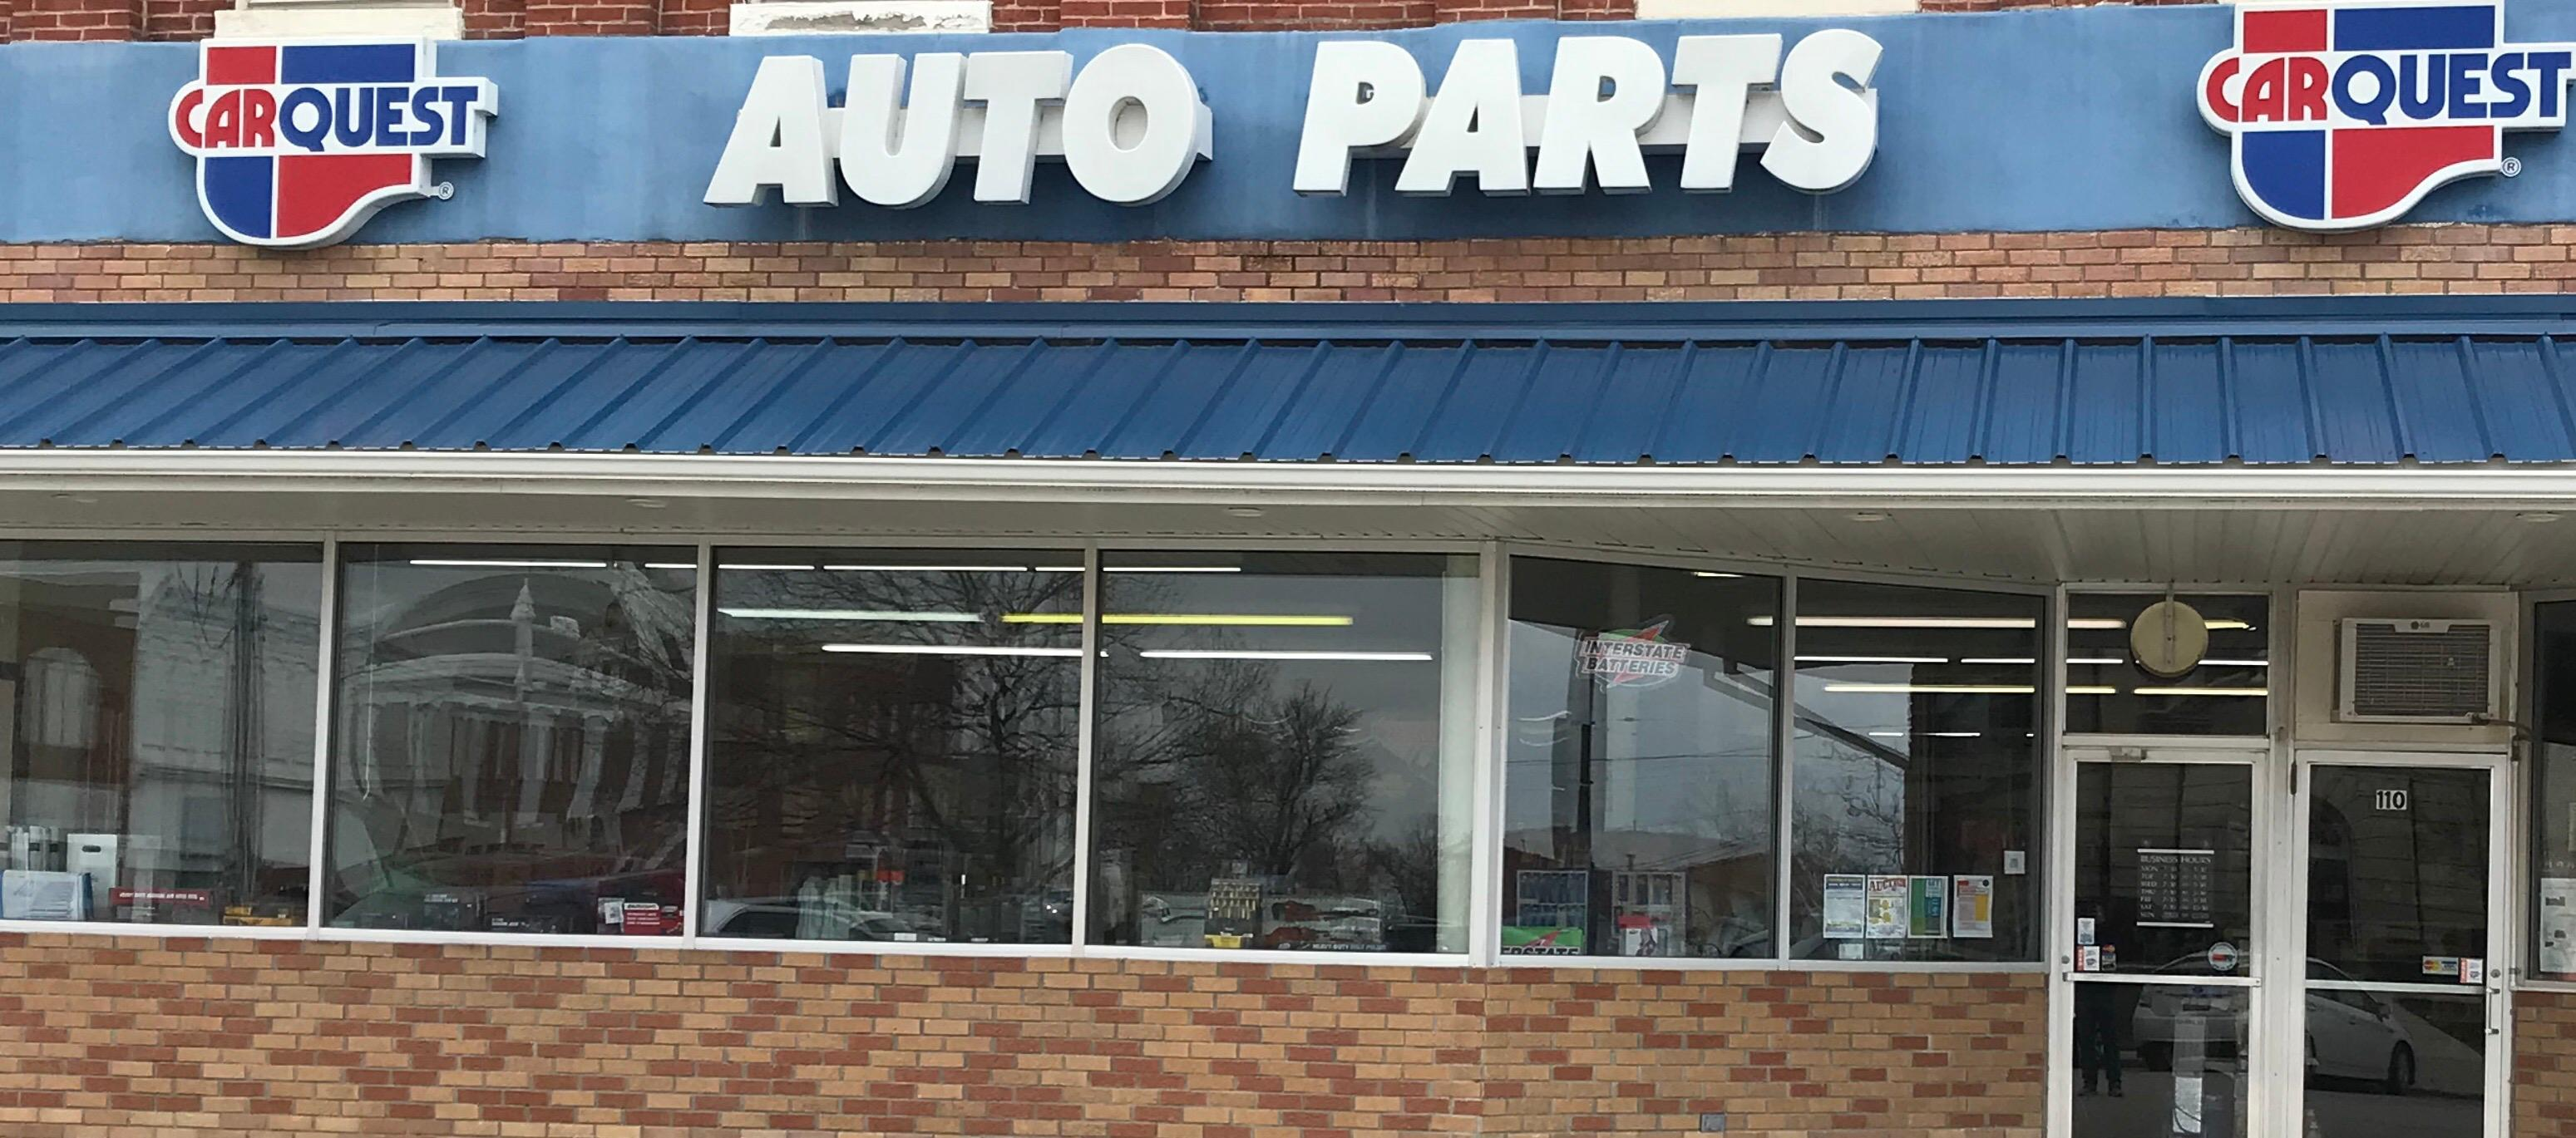 Carquest Auto Parts - Frost Automotive image 1